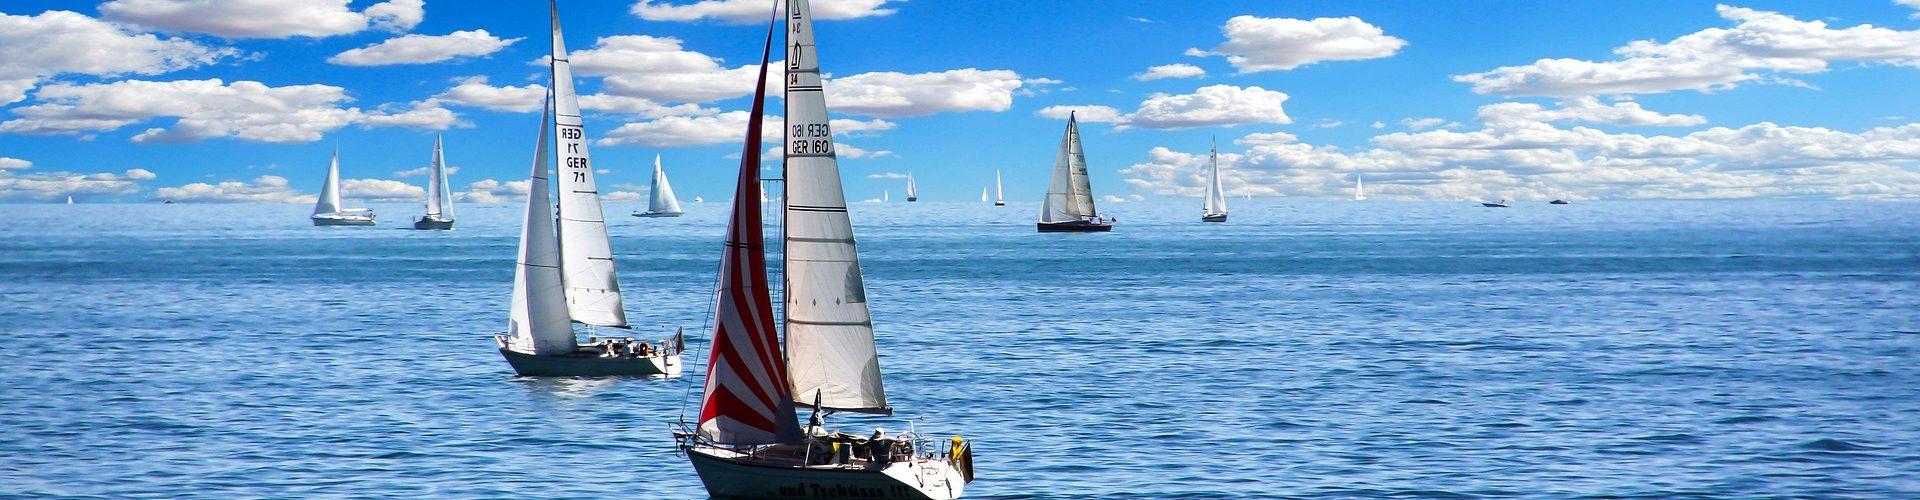 segeln lernen in Karlshagen segelschein machen in Karlshagen 1920x500 - Segeln lernen in Karlshagen